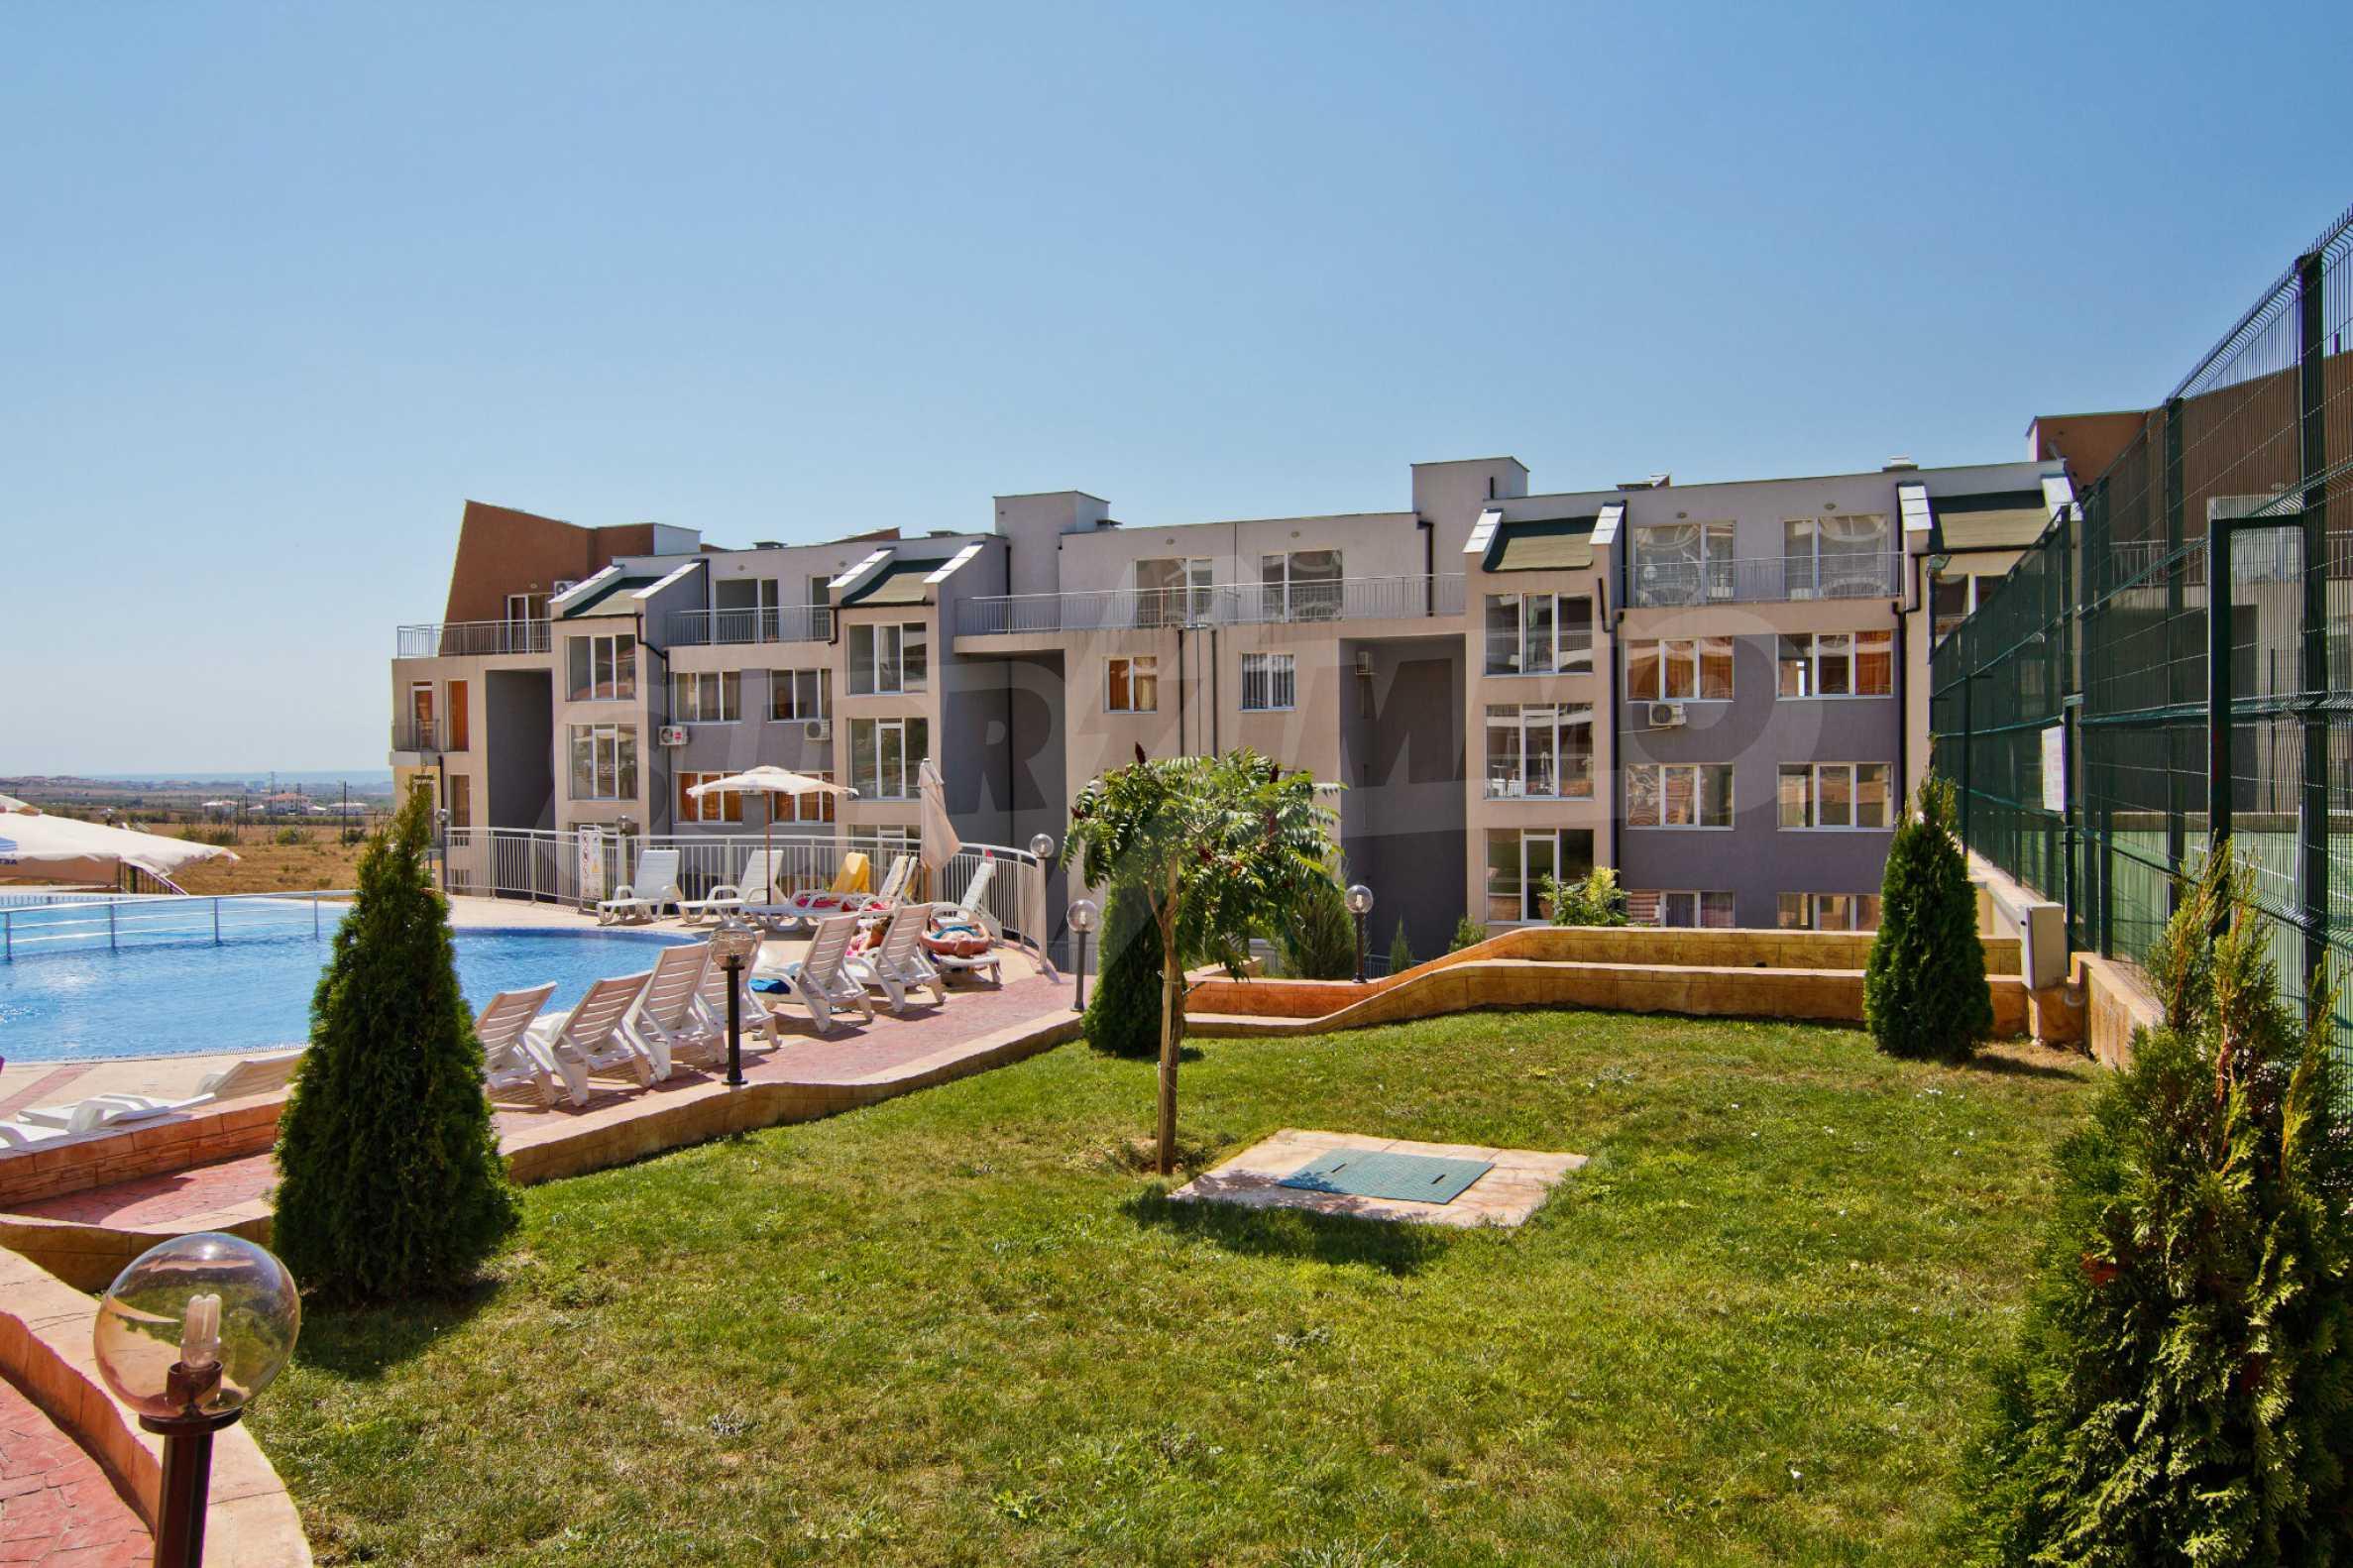 Sunset Kosharitsa - Apartments in einem attraktiven Berg- und Seekomplex, 5 Autominuten vom Sonnenstrand entfernt 8